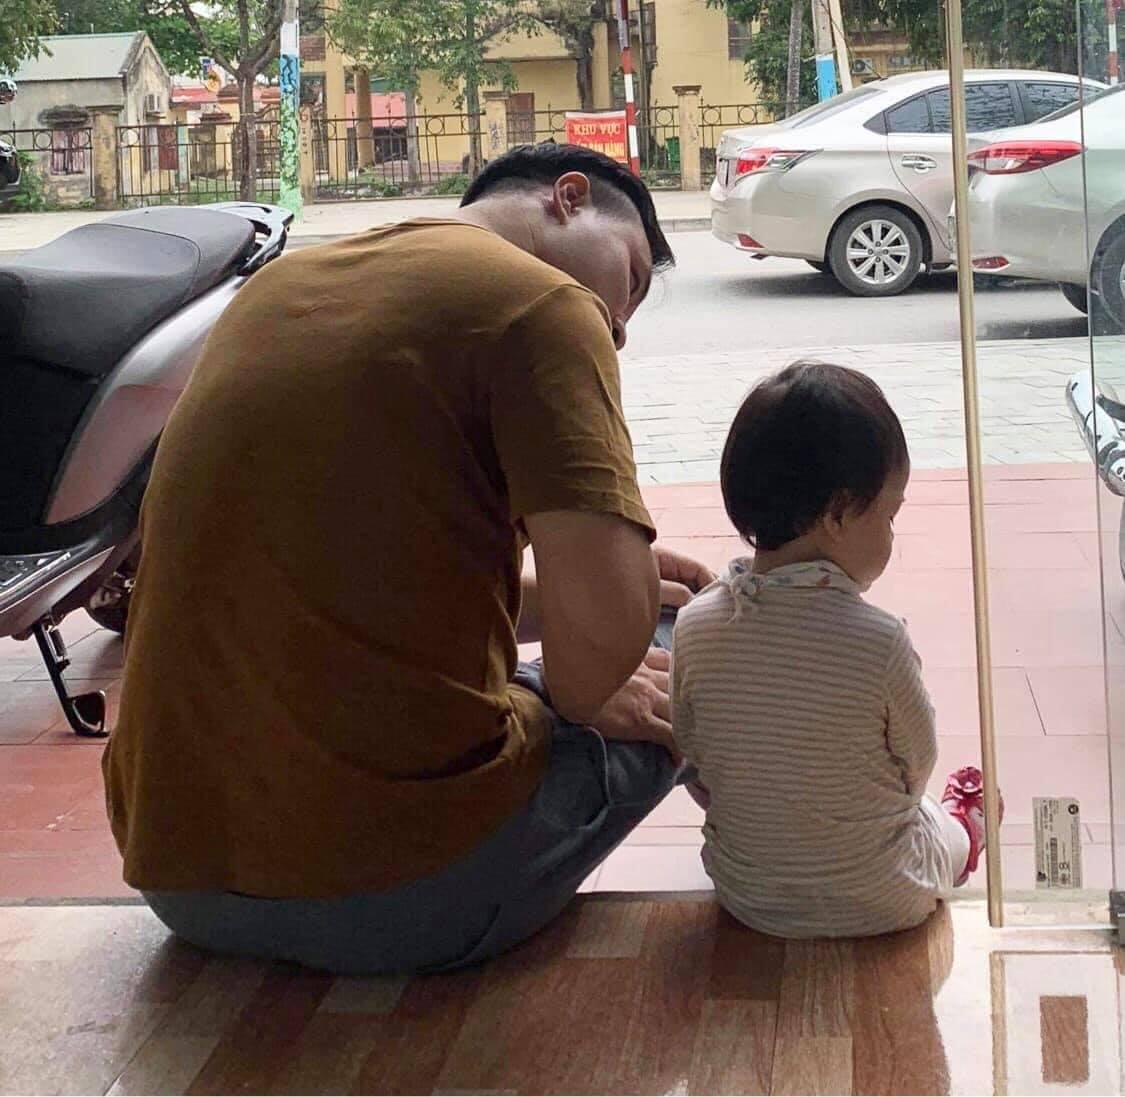 Bố ngồi dỗ sau khi cô con gái trưng bộ mặt 'hờn cả thế giới' này. Ảnh: Lê Ngọc Mai